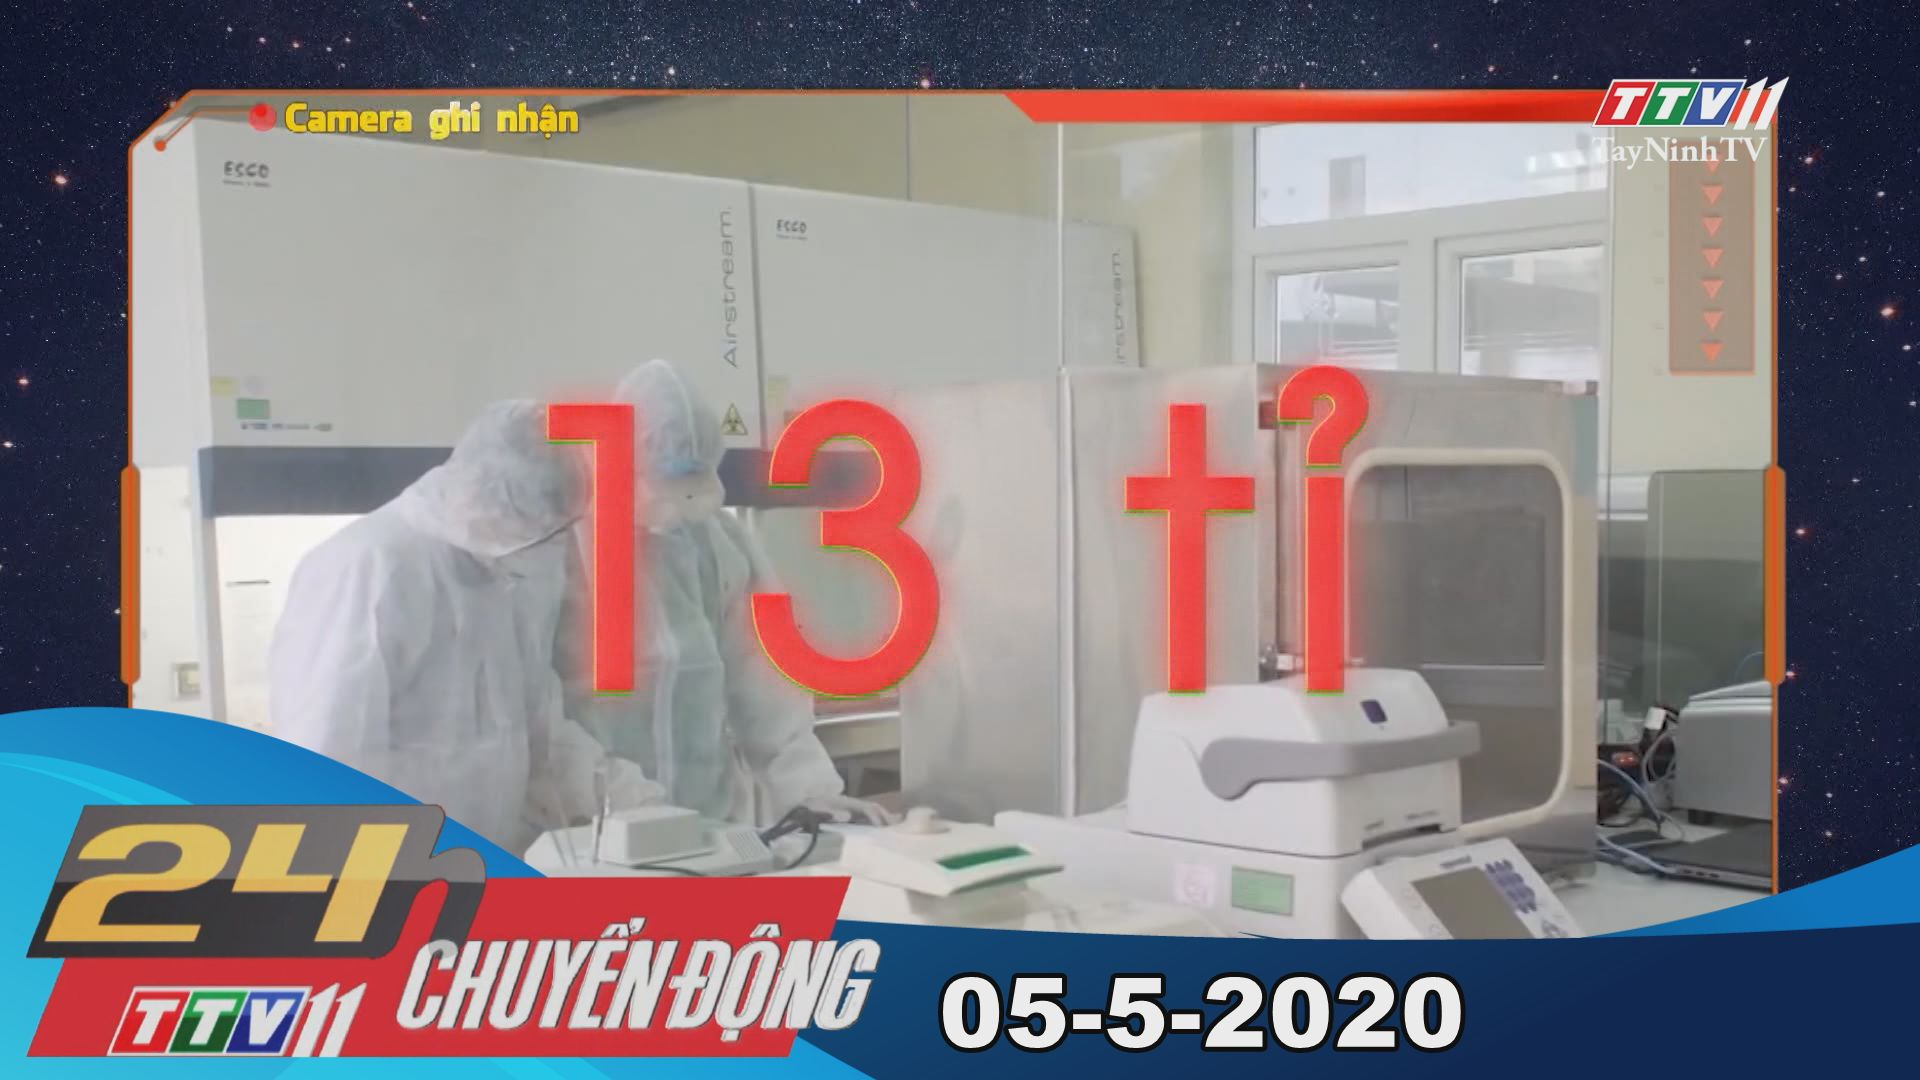 24h Chuyển động 05-5-2020 | Tin tức hôm nay | TayNinhTV